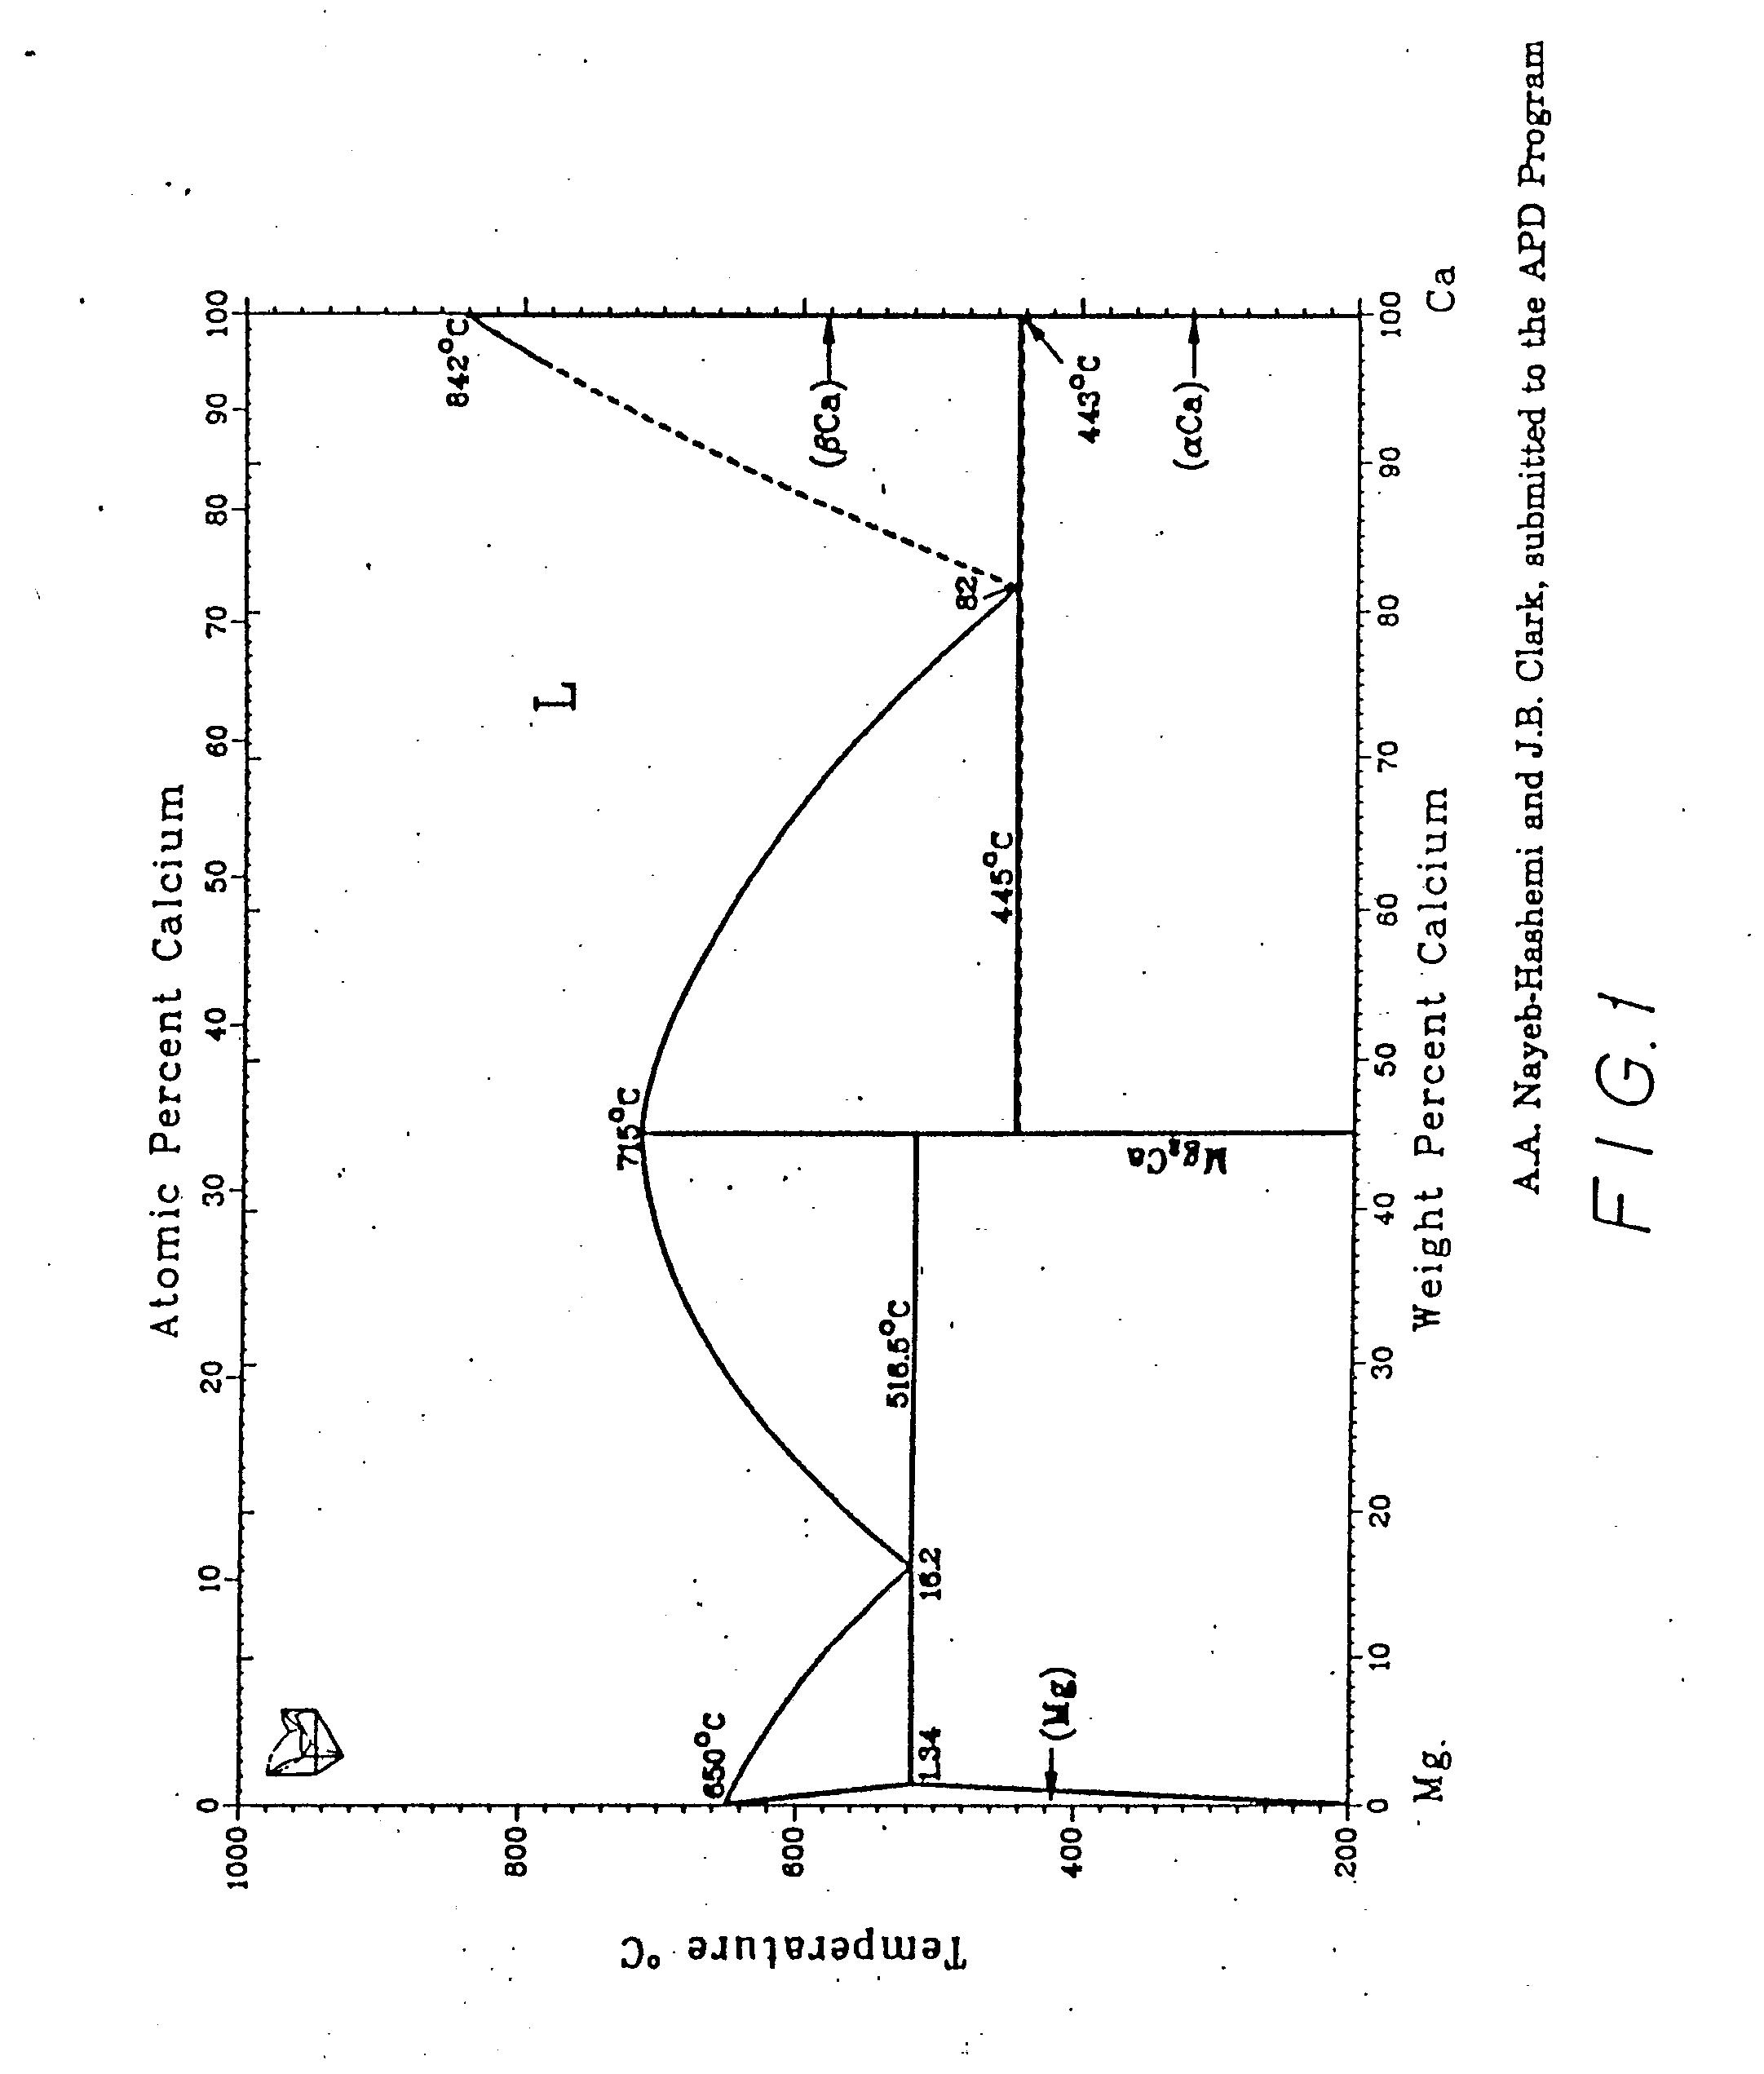 Magnesium diagram patent ep0343012a2 magnesiumcalcium alloys for patent ep0343012a2 magnesiumcalcium alloys for ccuart Image collections